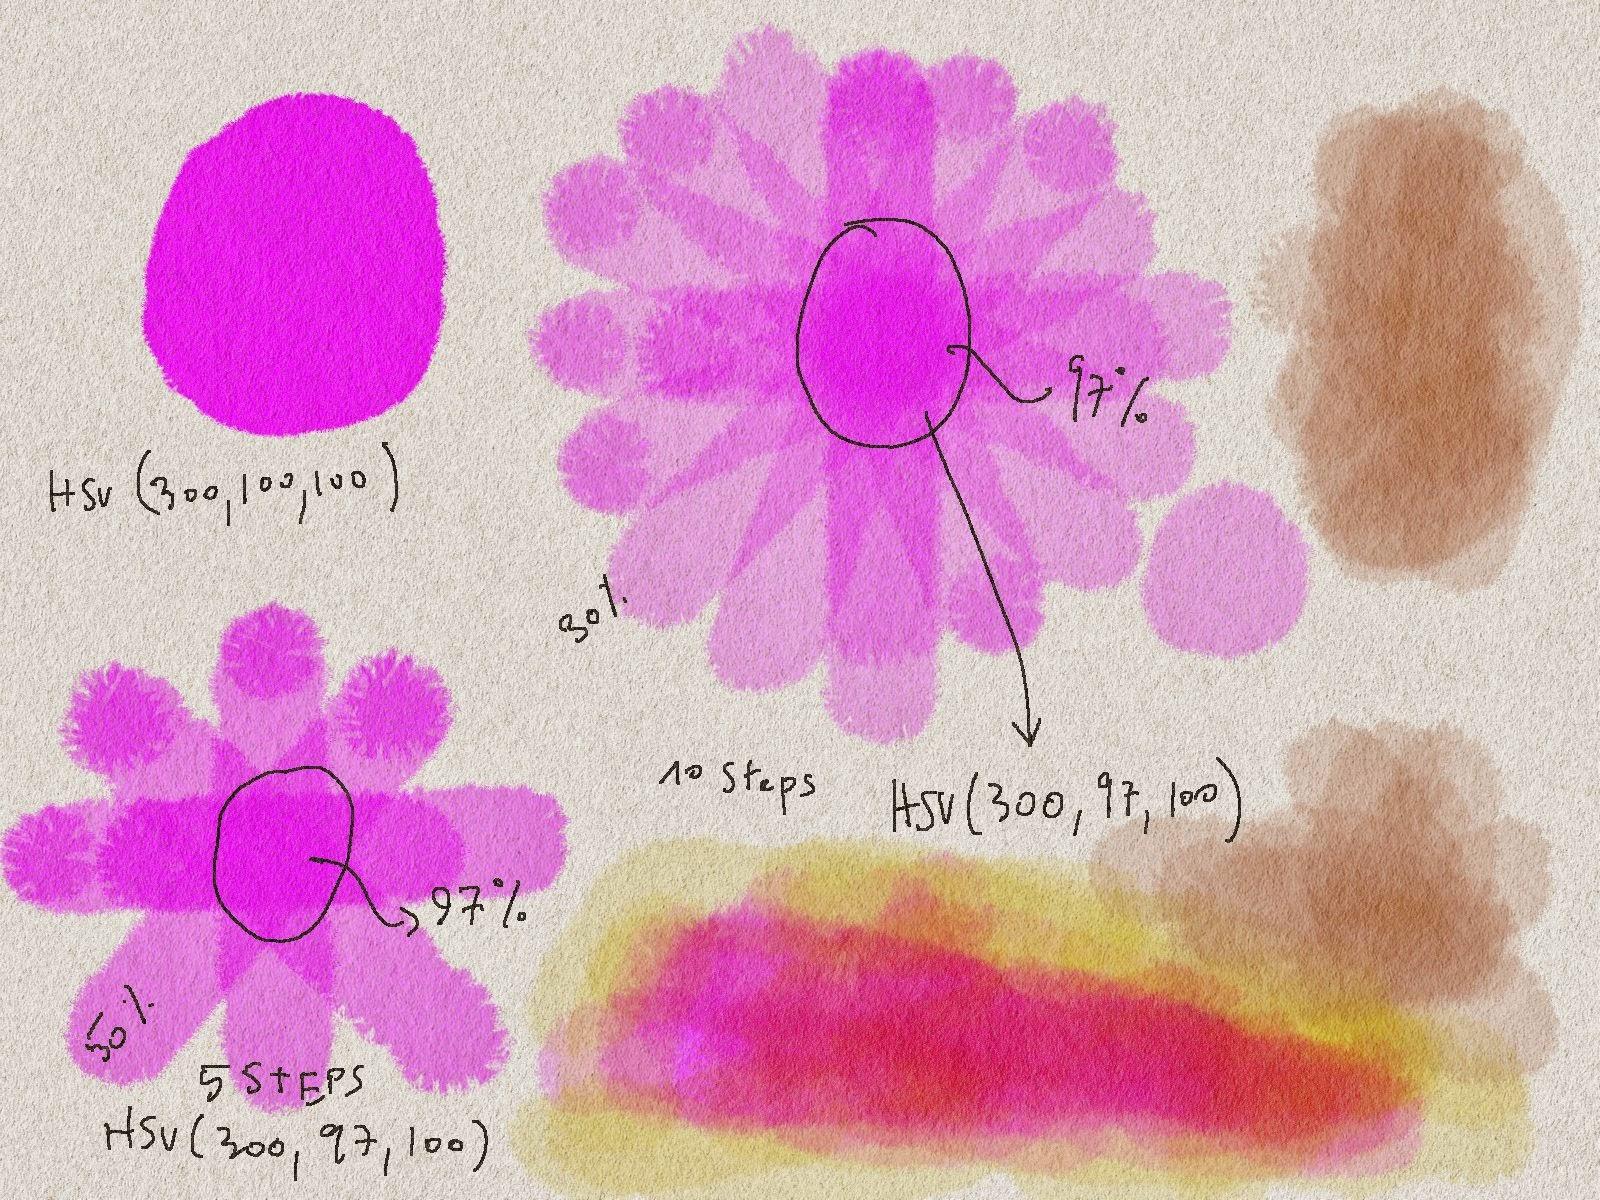 Modelando a transparencia segundo parcialmente empirico baseado no modelo teórico.